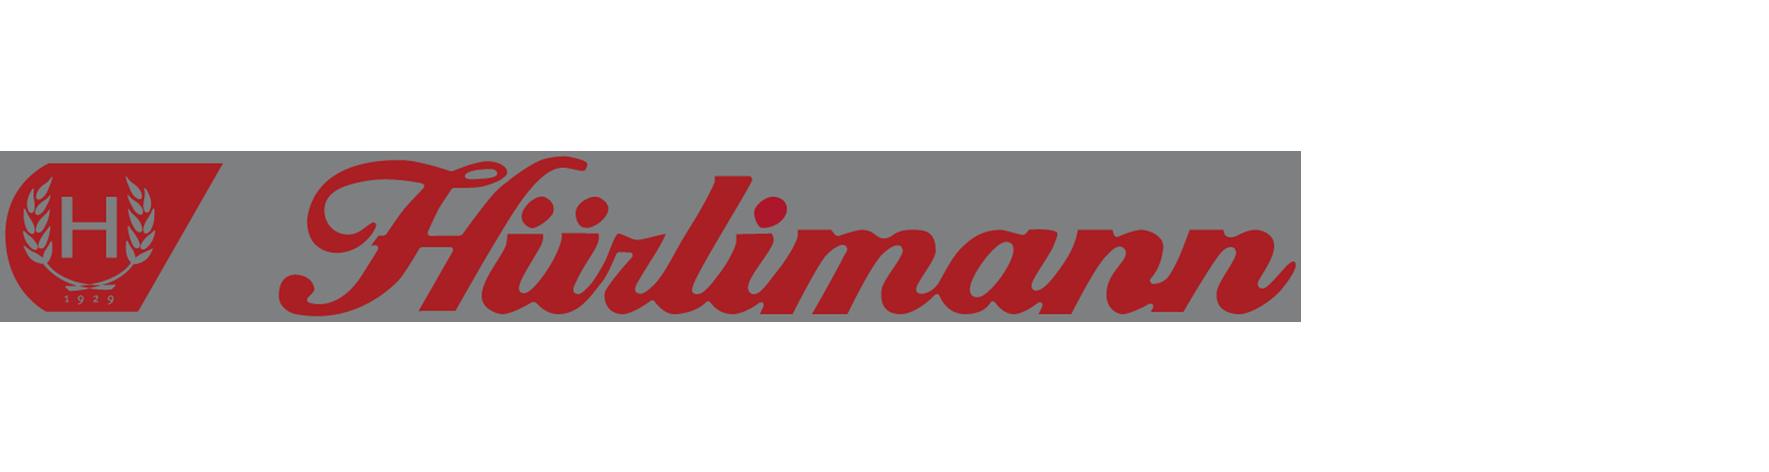 hurlimann_left_cores